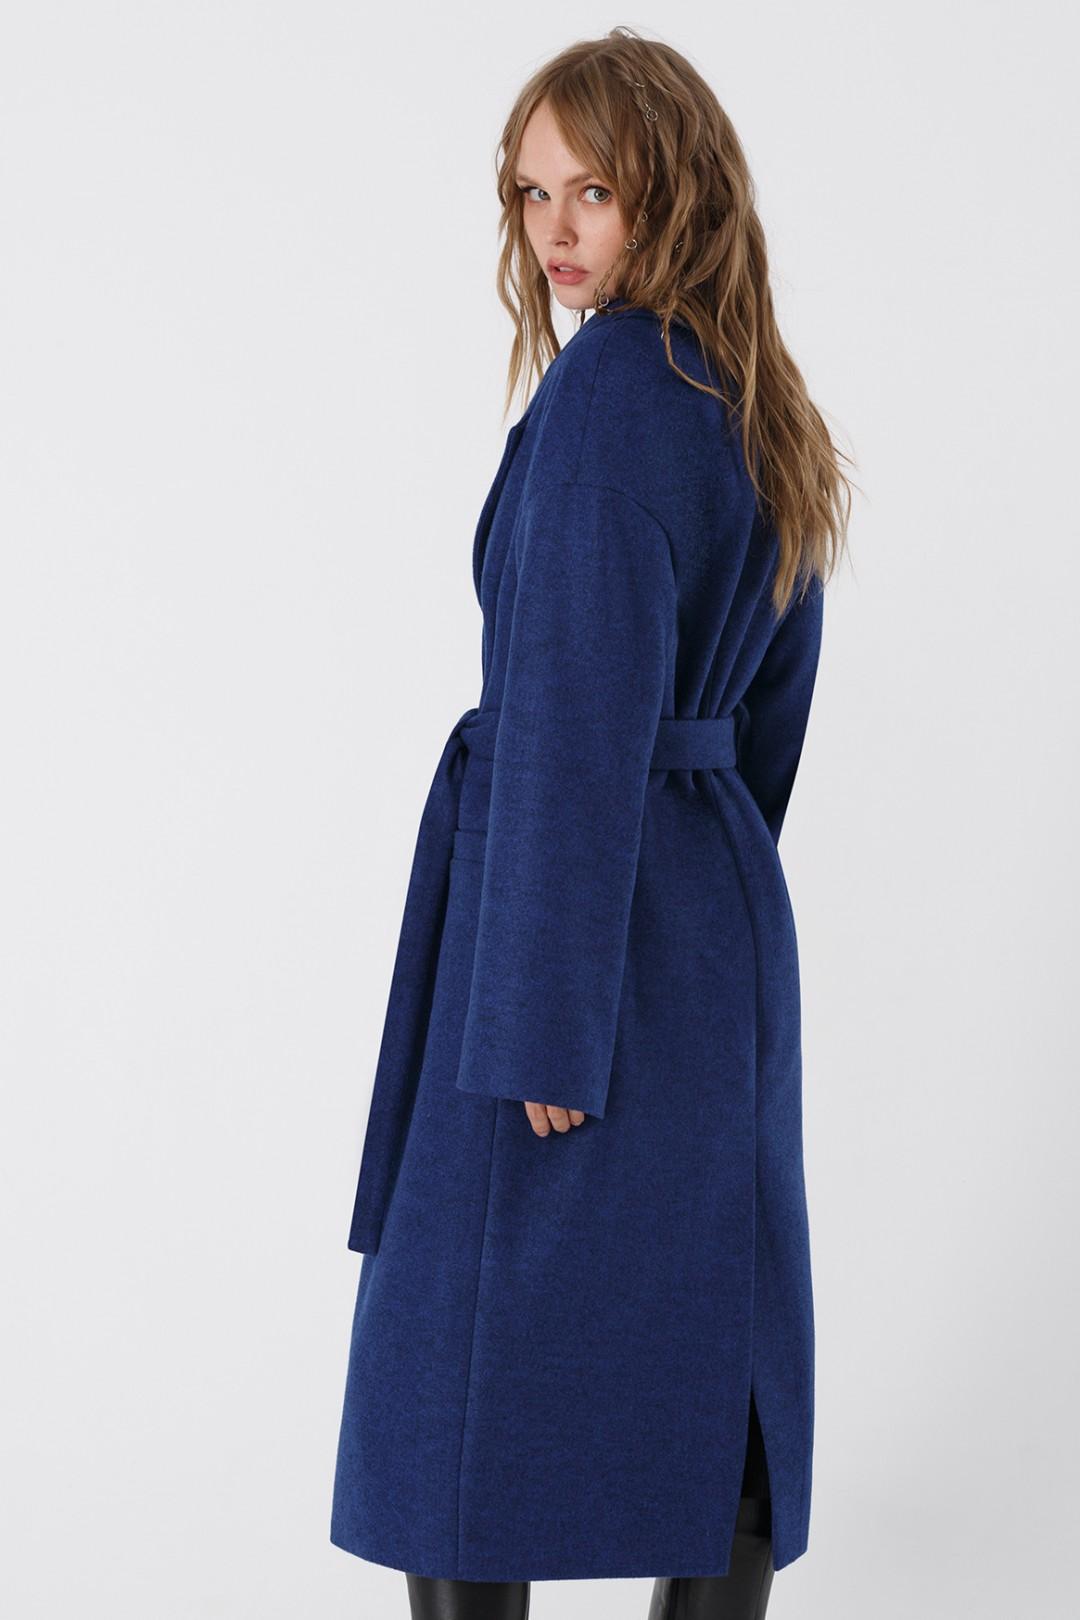 Пальто Pirs 3408 синий